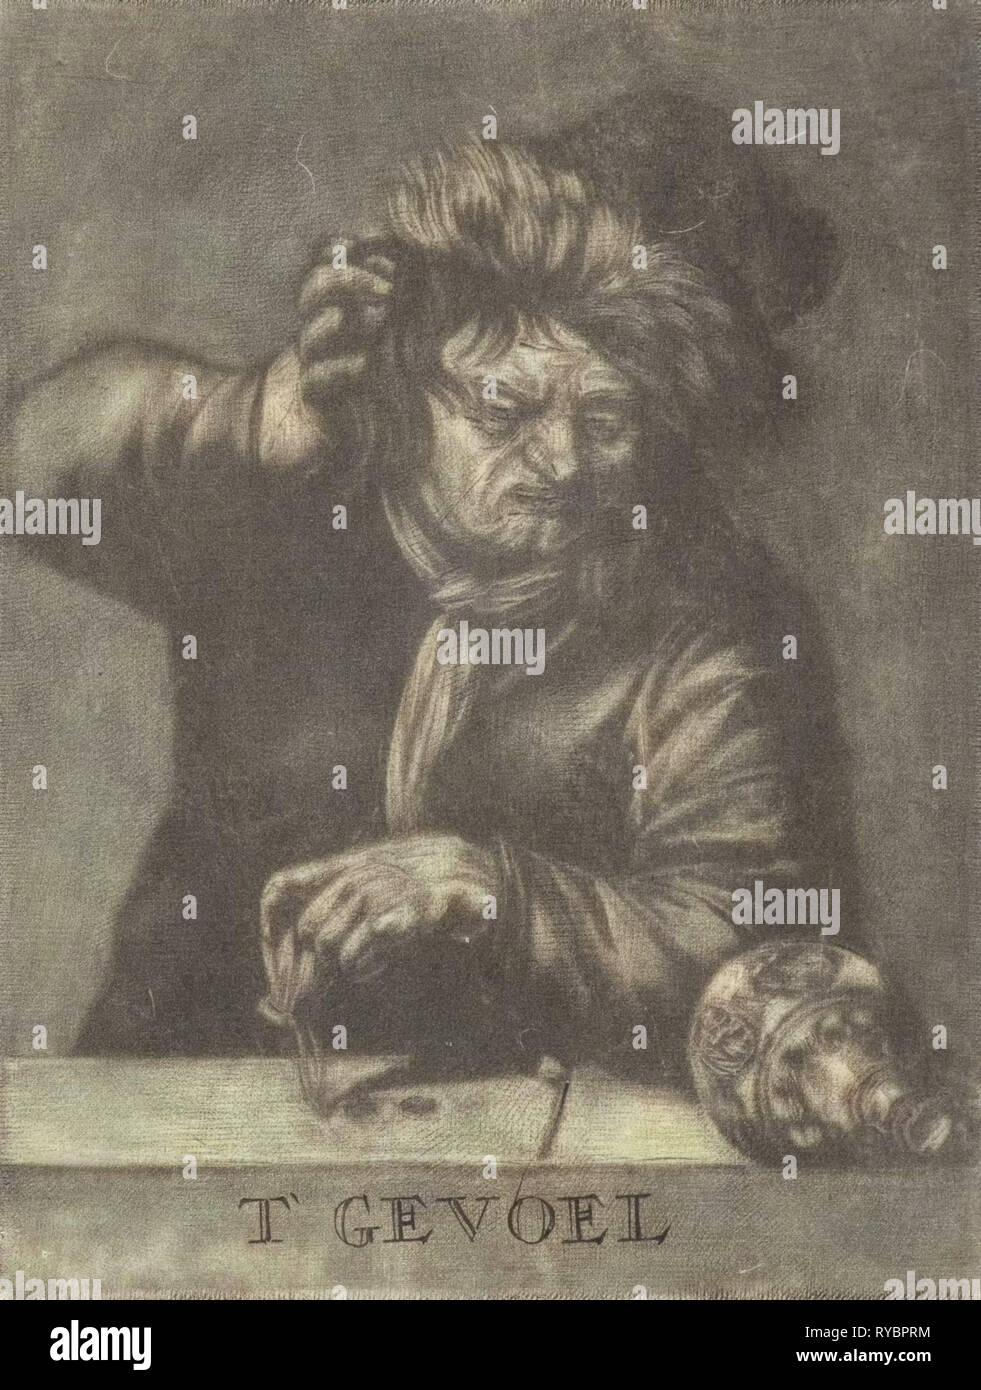 Feeling, Pieter Pickaert, 1680 - 1715 - Stock Image